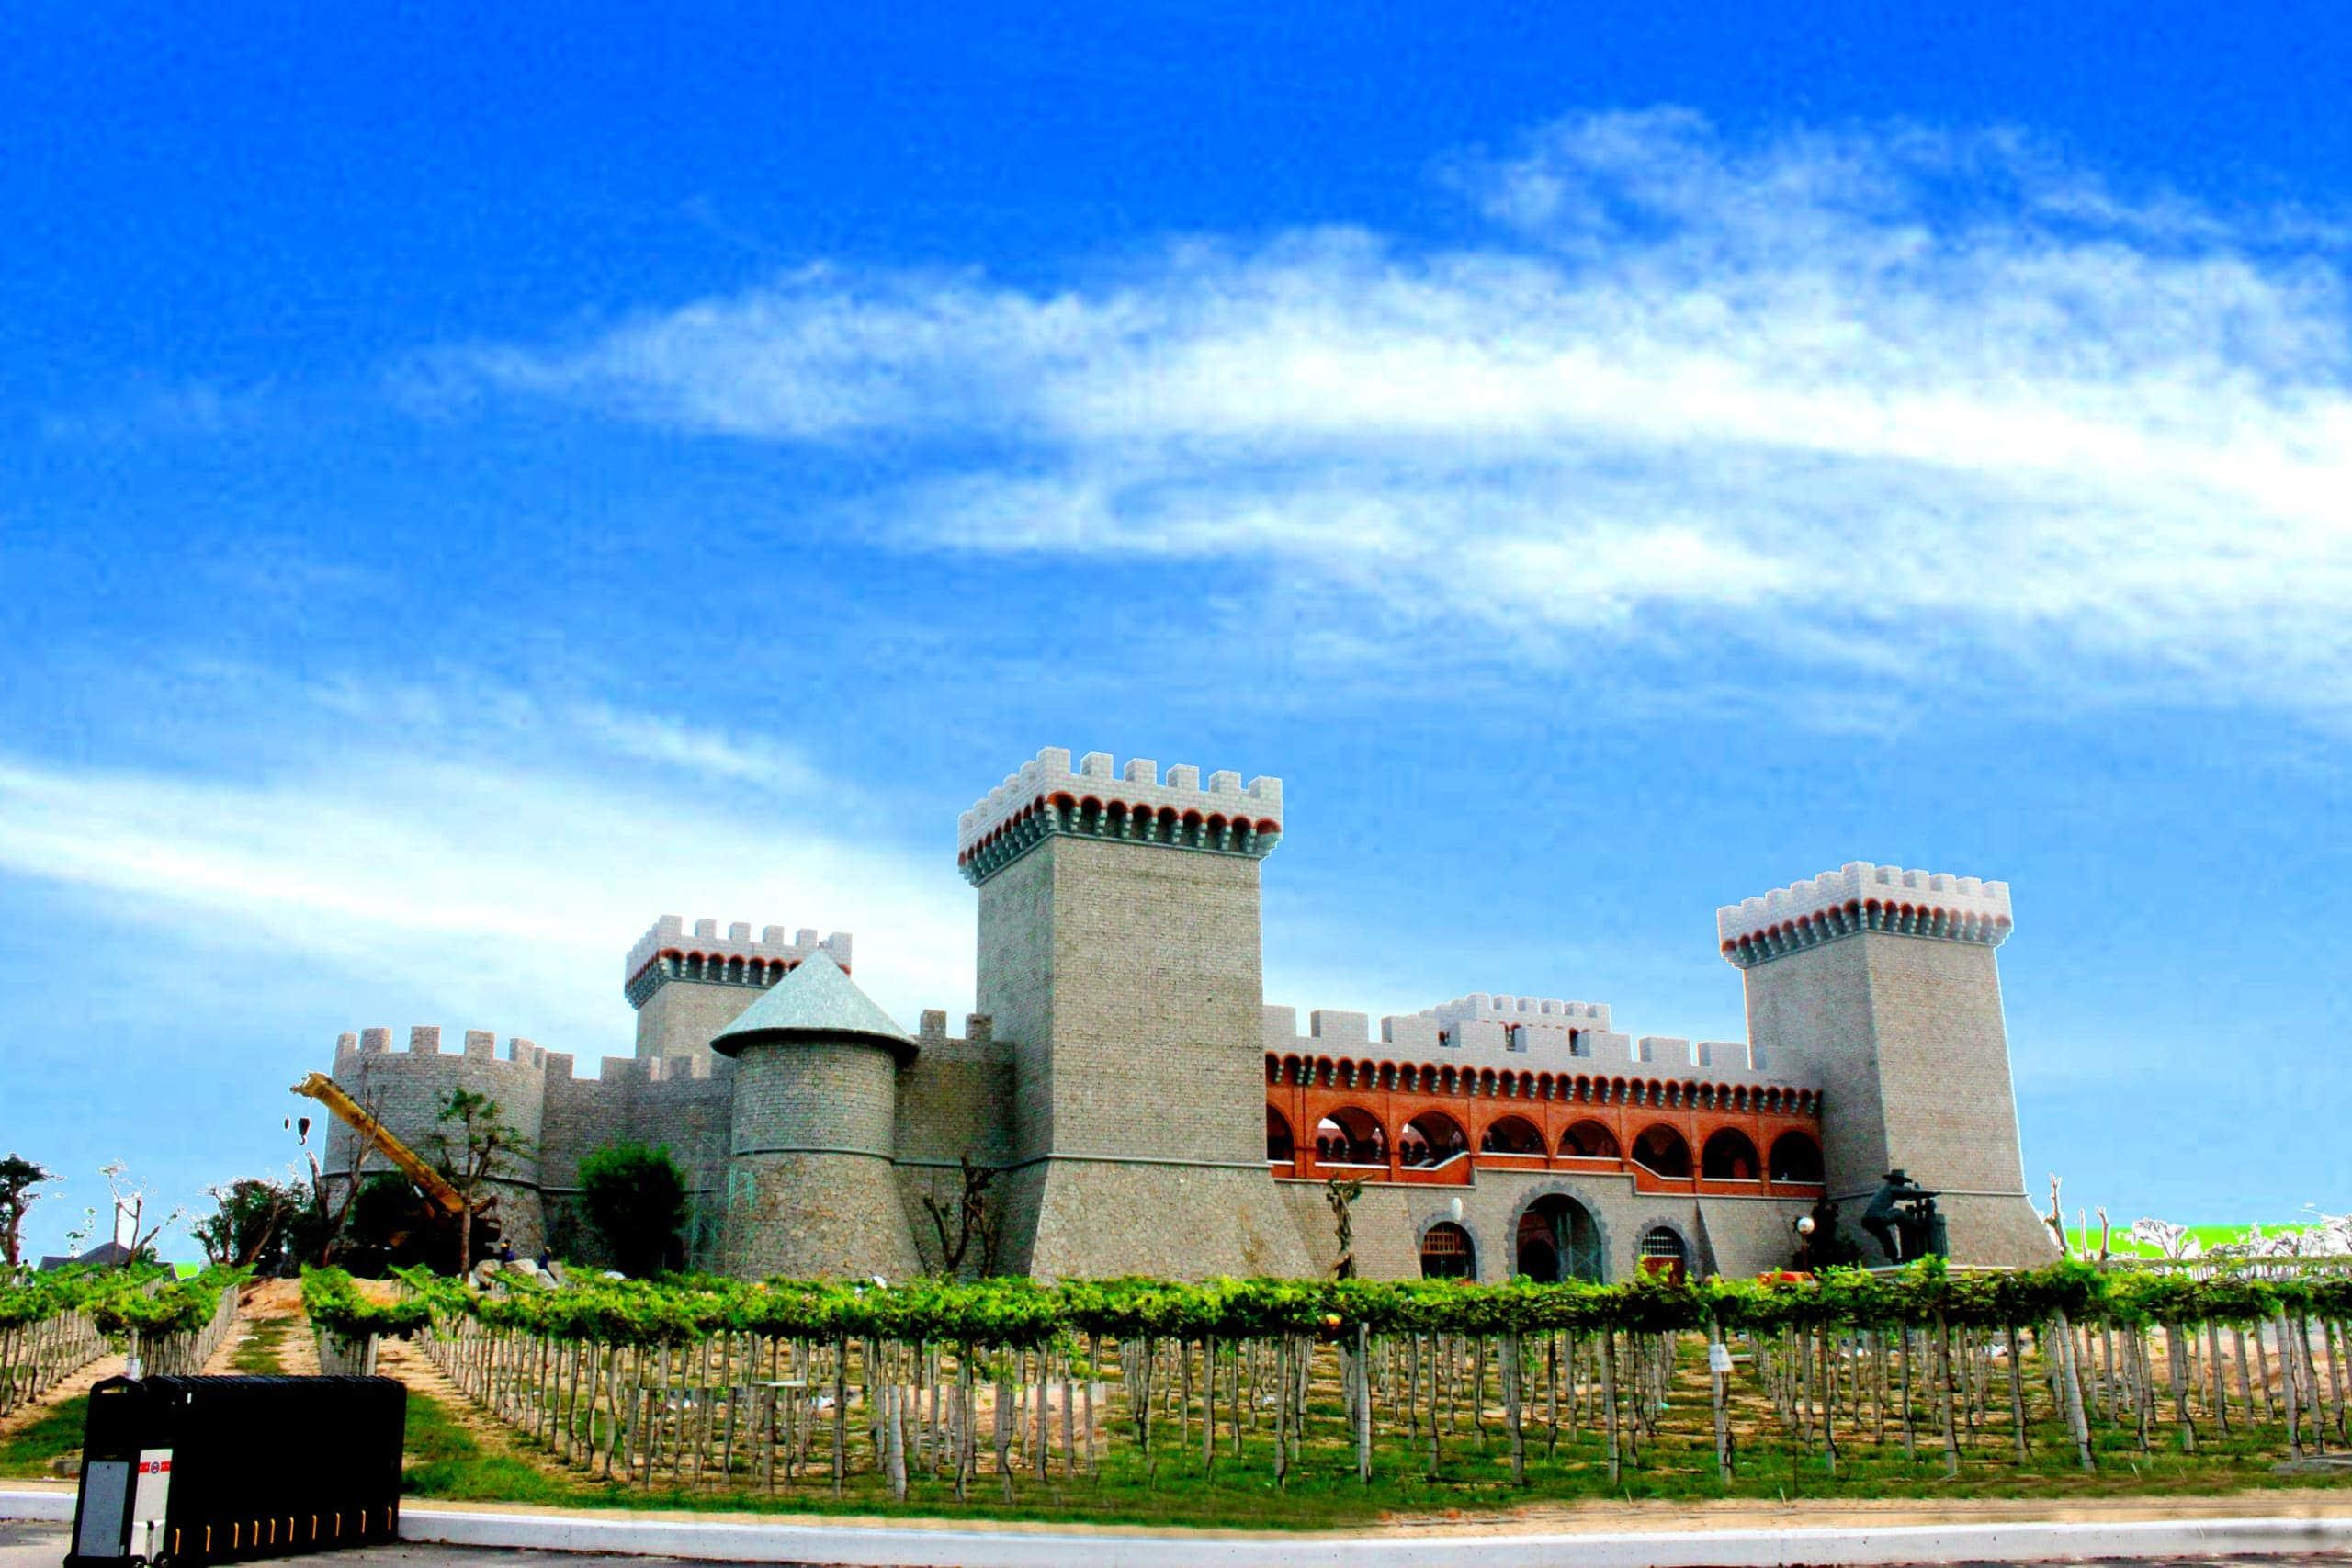 Lâu đài rượu vang Phan Thiết - Tour Cần Thơ Phan Thiết 2 ngày 1 đêm